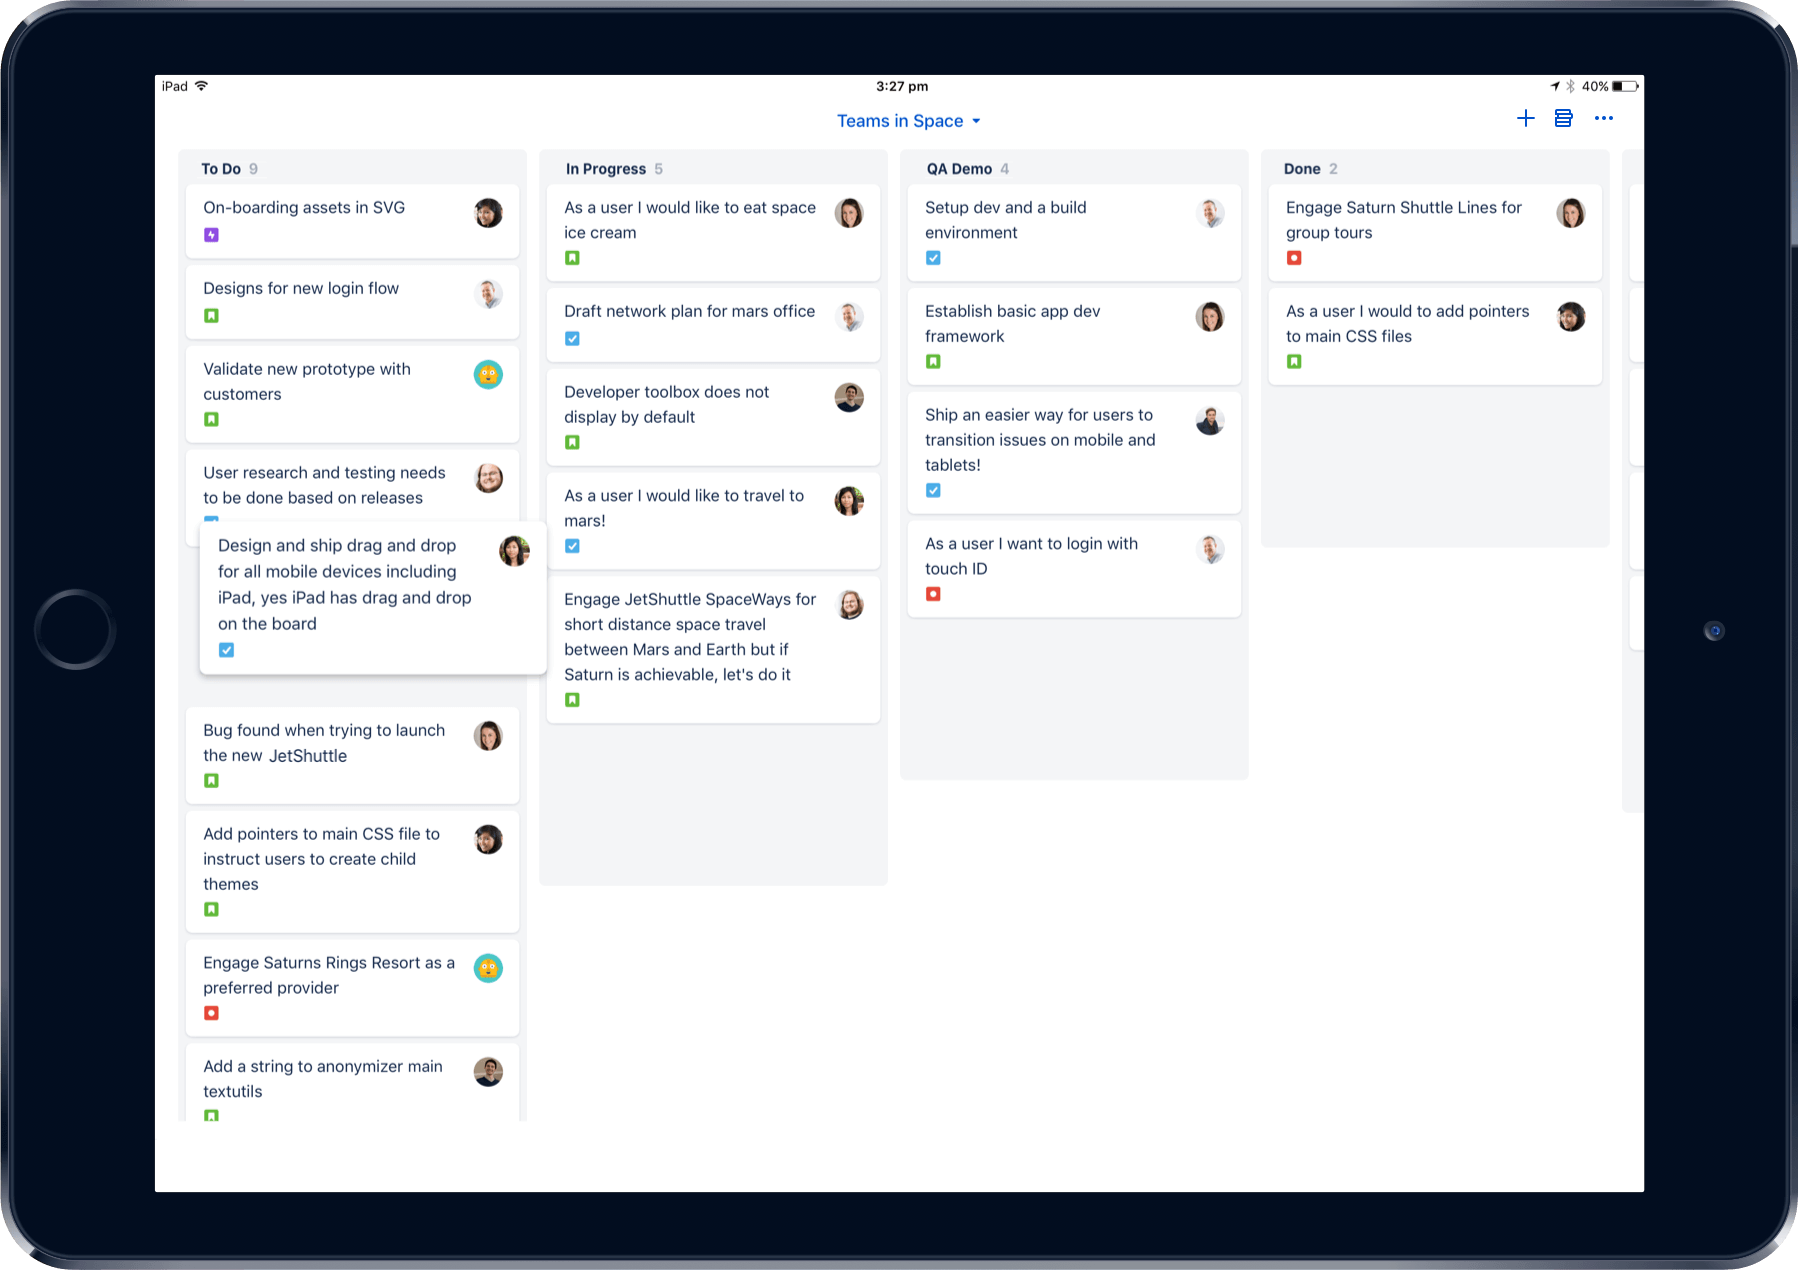 iPad 上的 Jira Cloud Mobile 屏幕截图